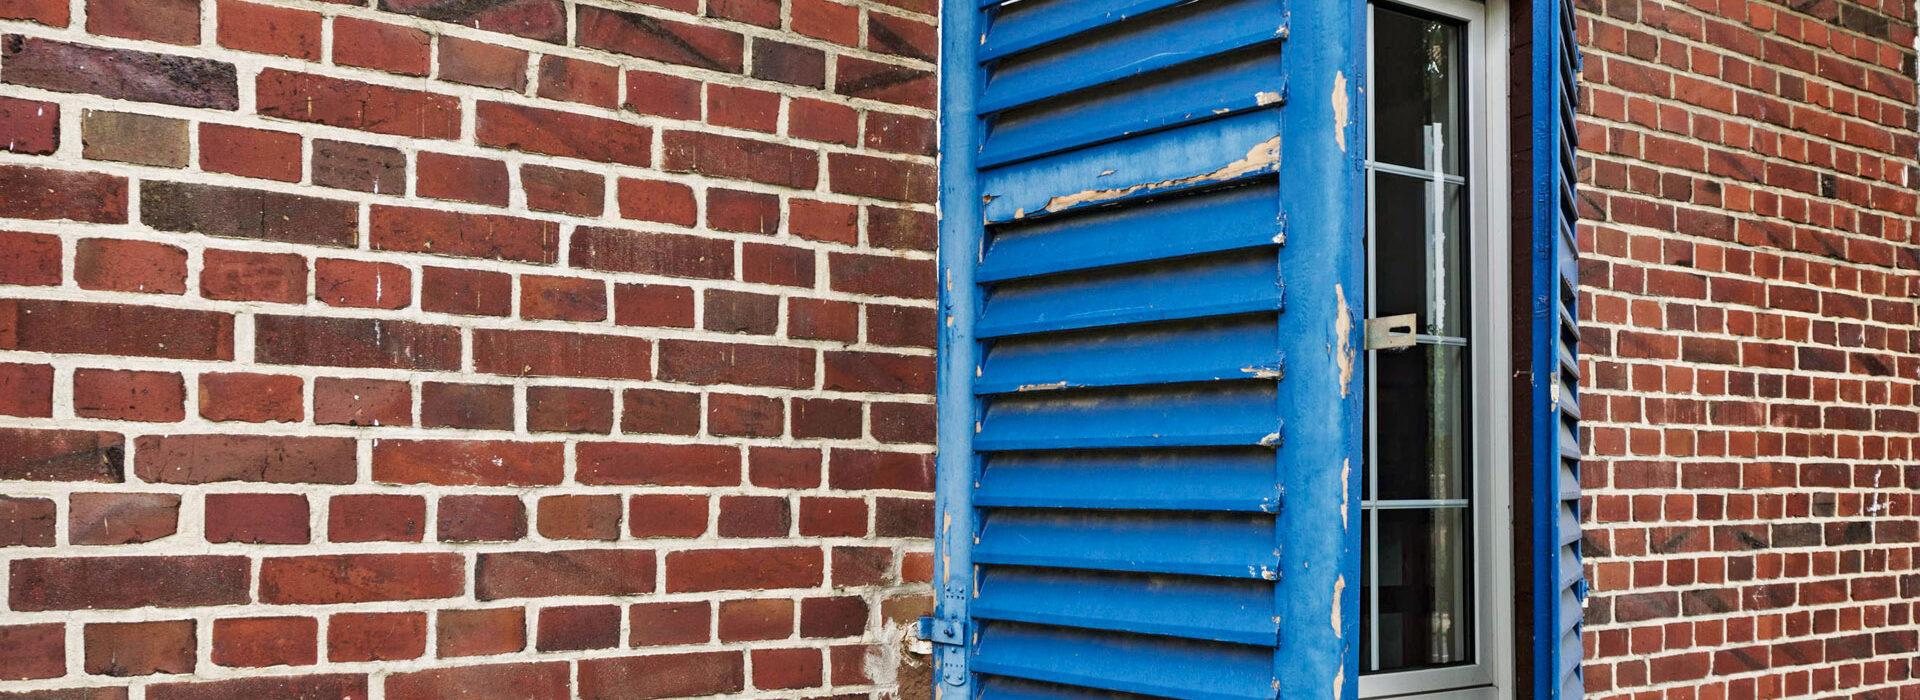 Foto: Klinkerwand mit halboffenen, blauen Fensterläden, Suchberatung der Diakonie Münster